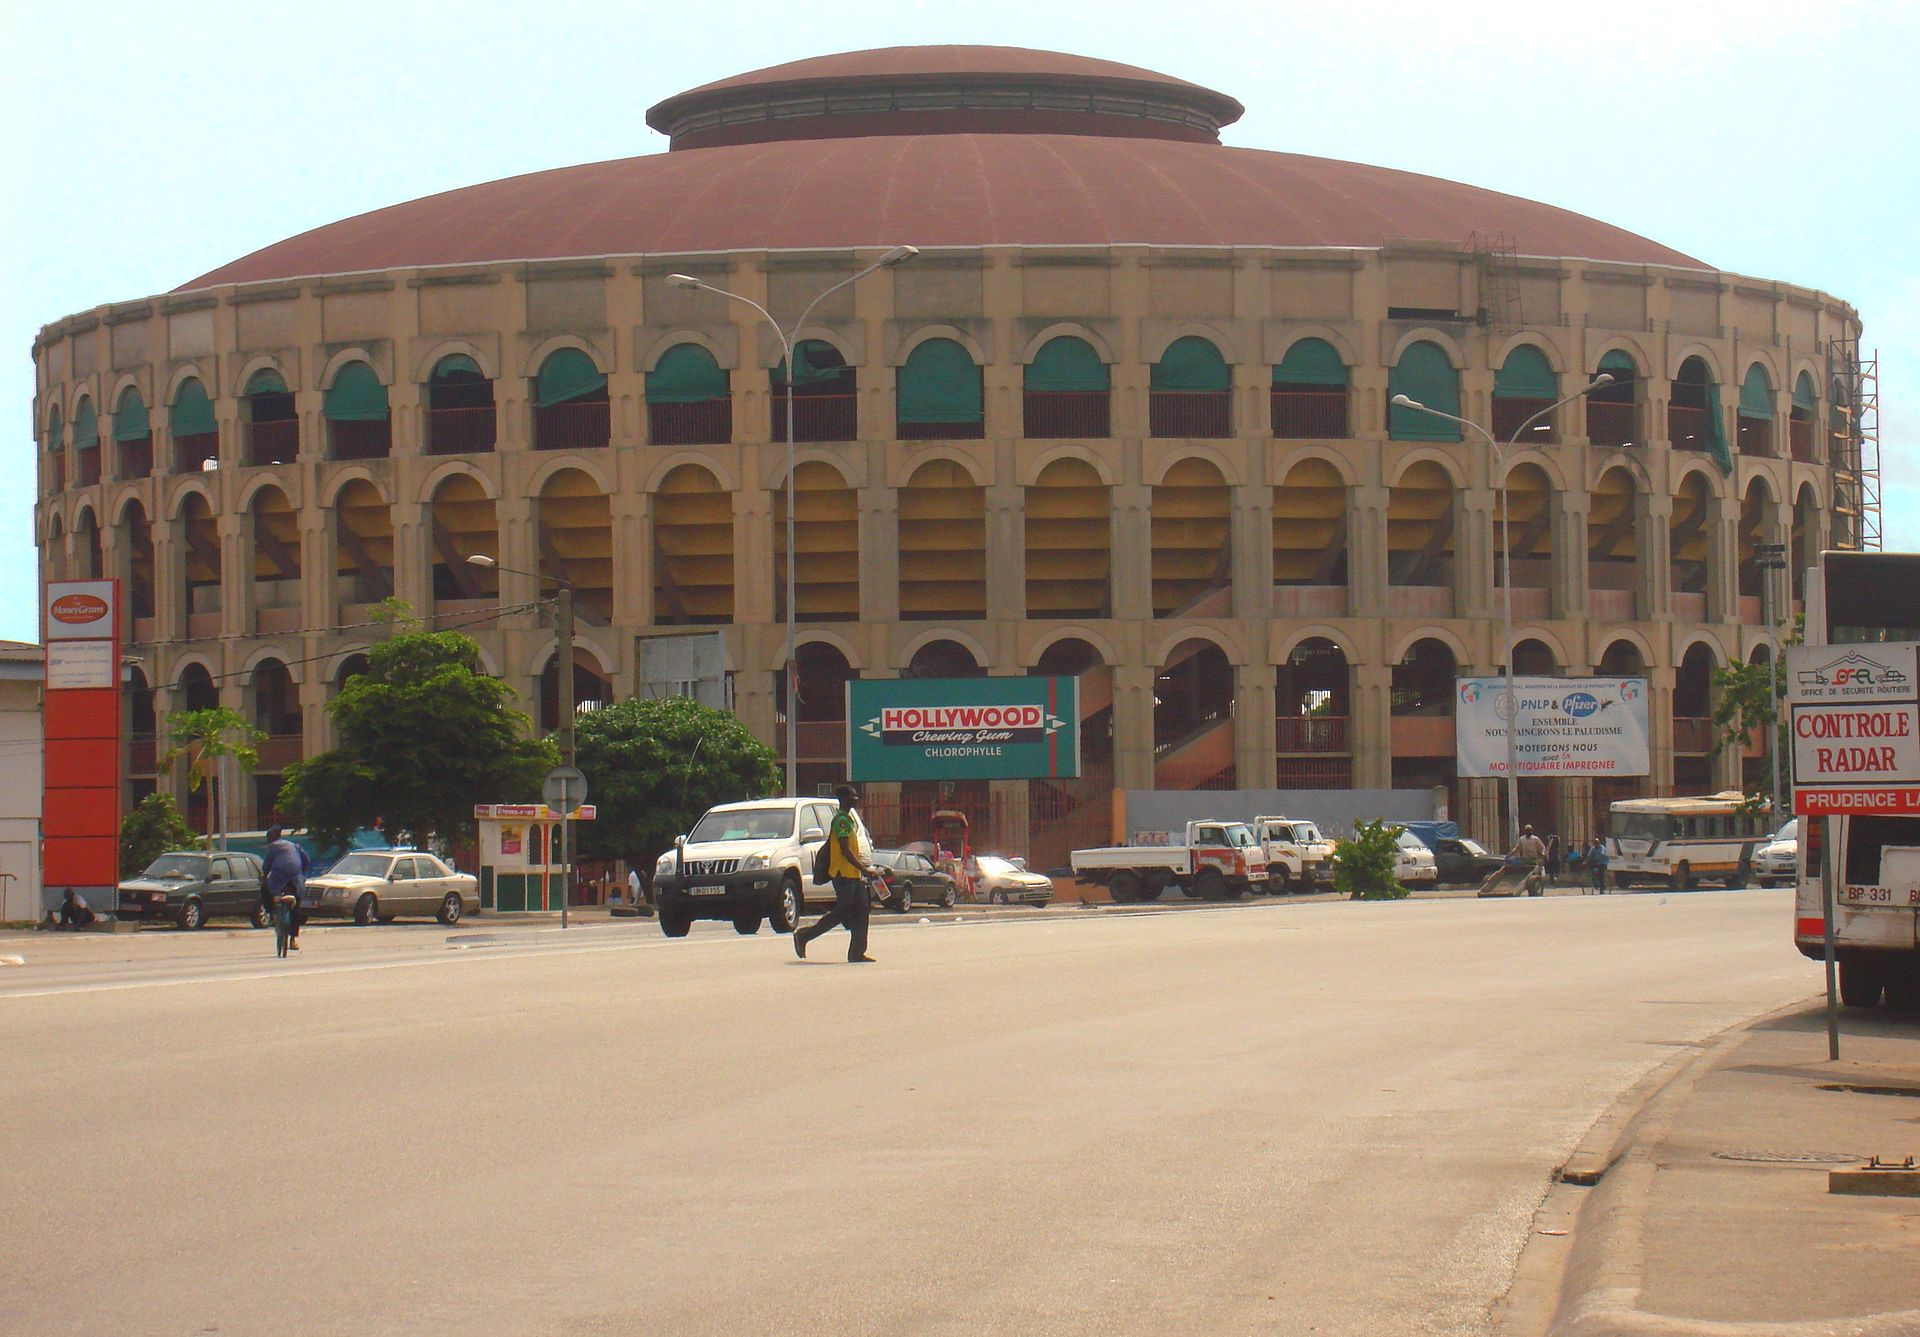 Palacio de los deportes de treichville wikipedia la for Piscine du palais des sports a nanterre nanterre